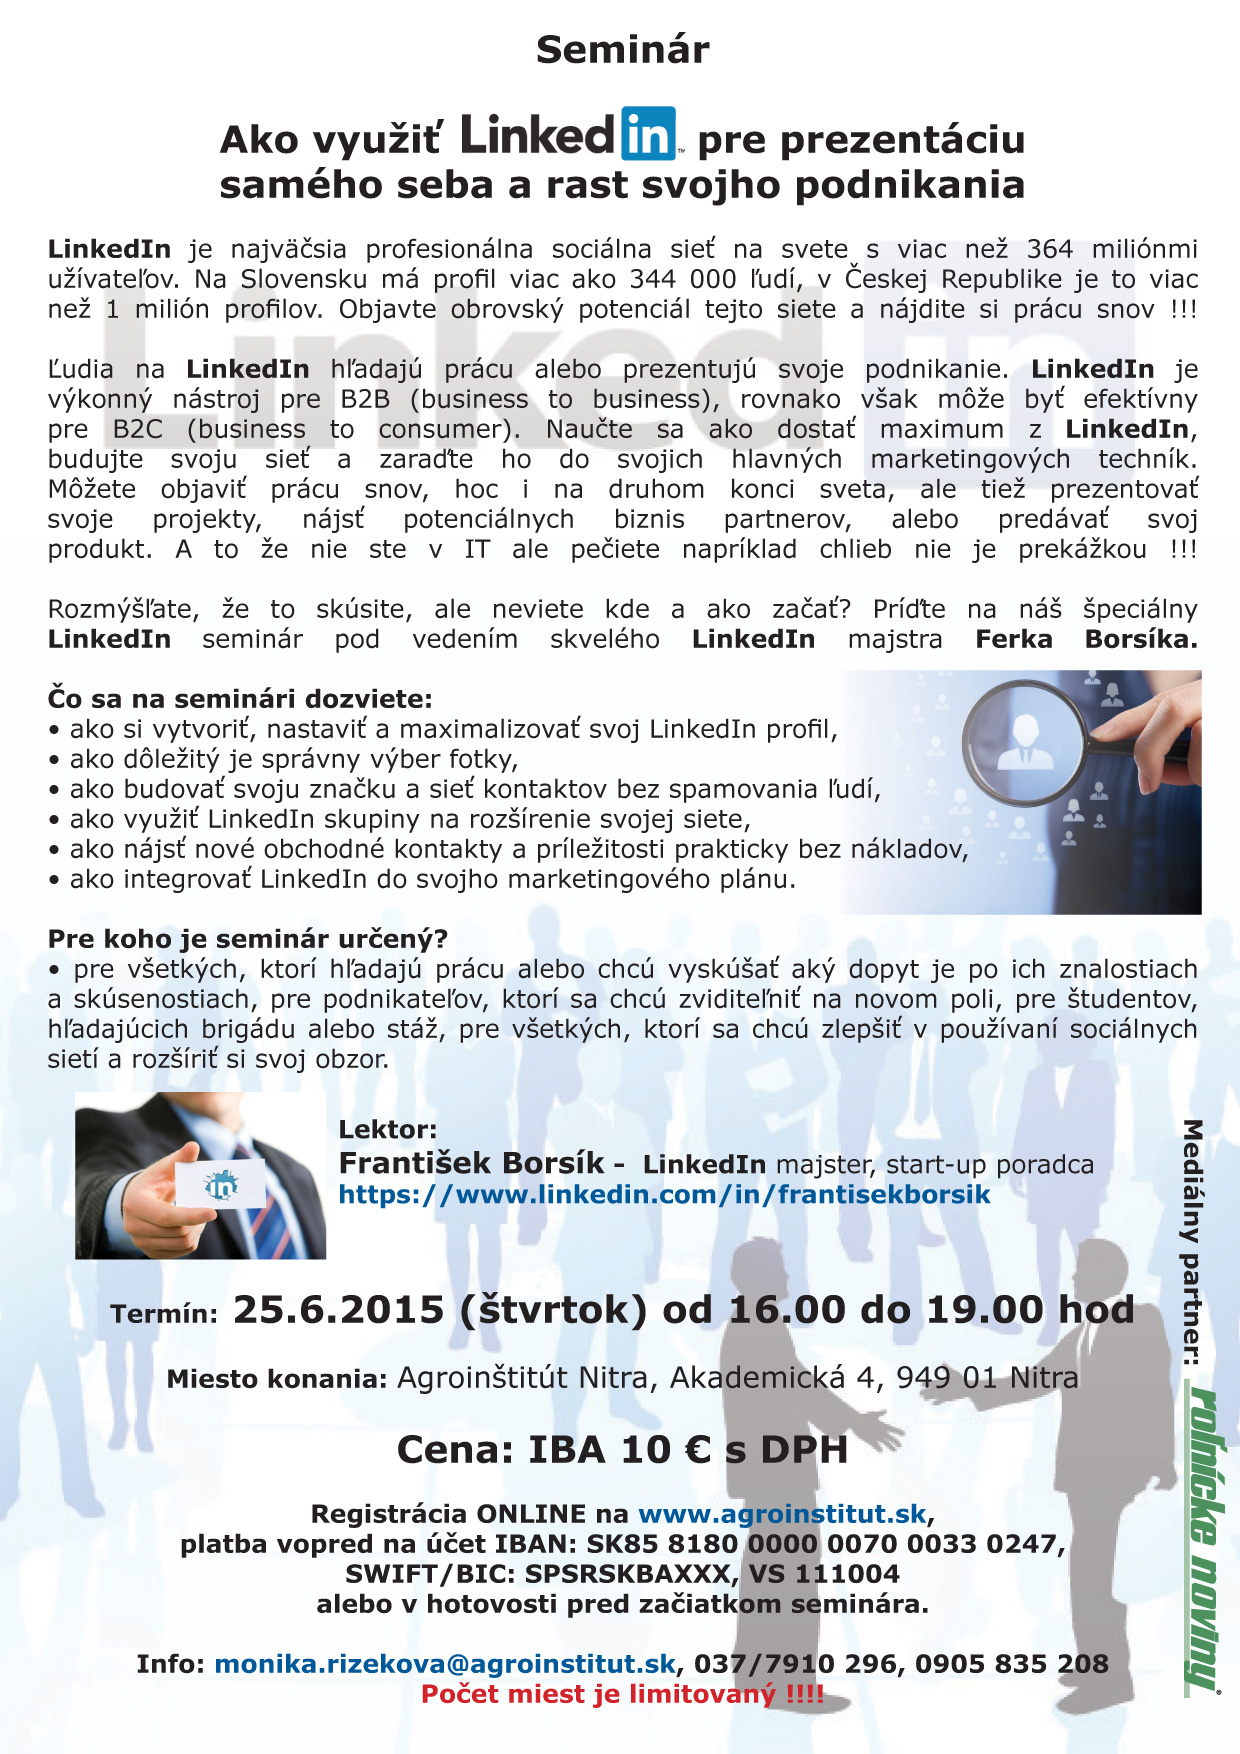 LinkedIn seminár v Nitre - pomôžeme Vám - Katalóg firiem  aa91a02a4d3